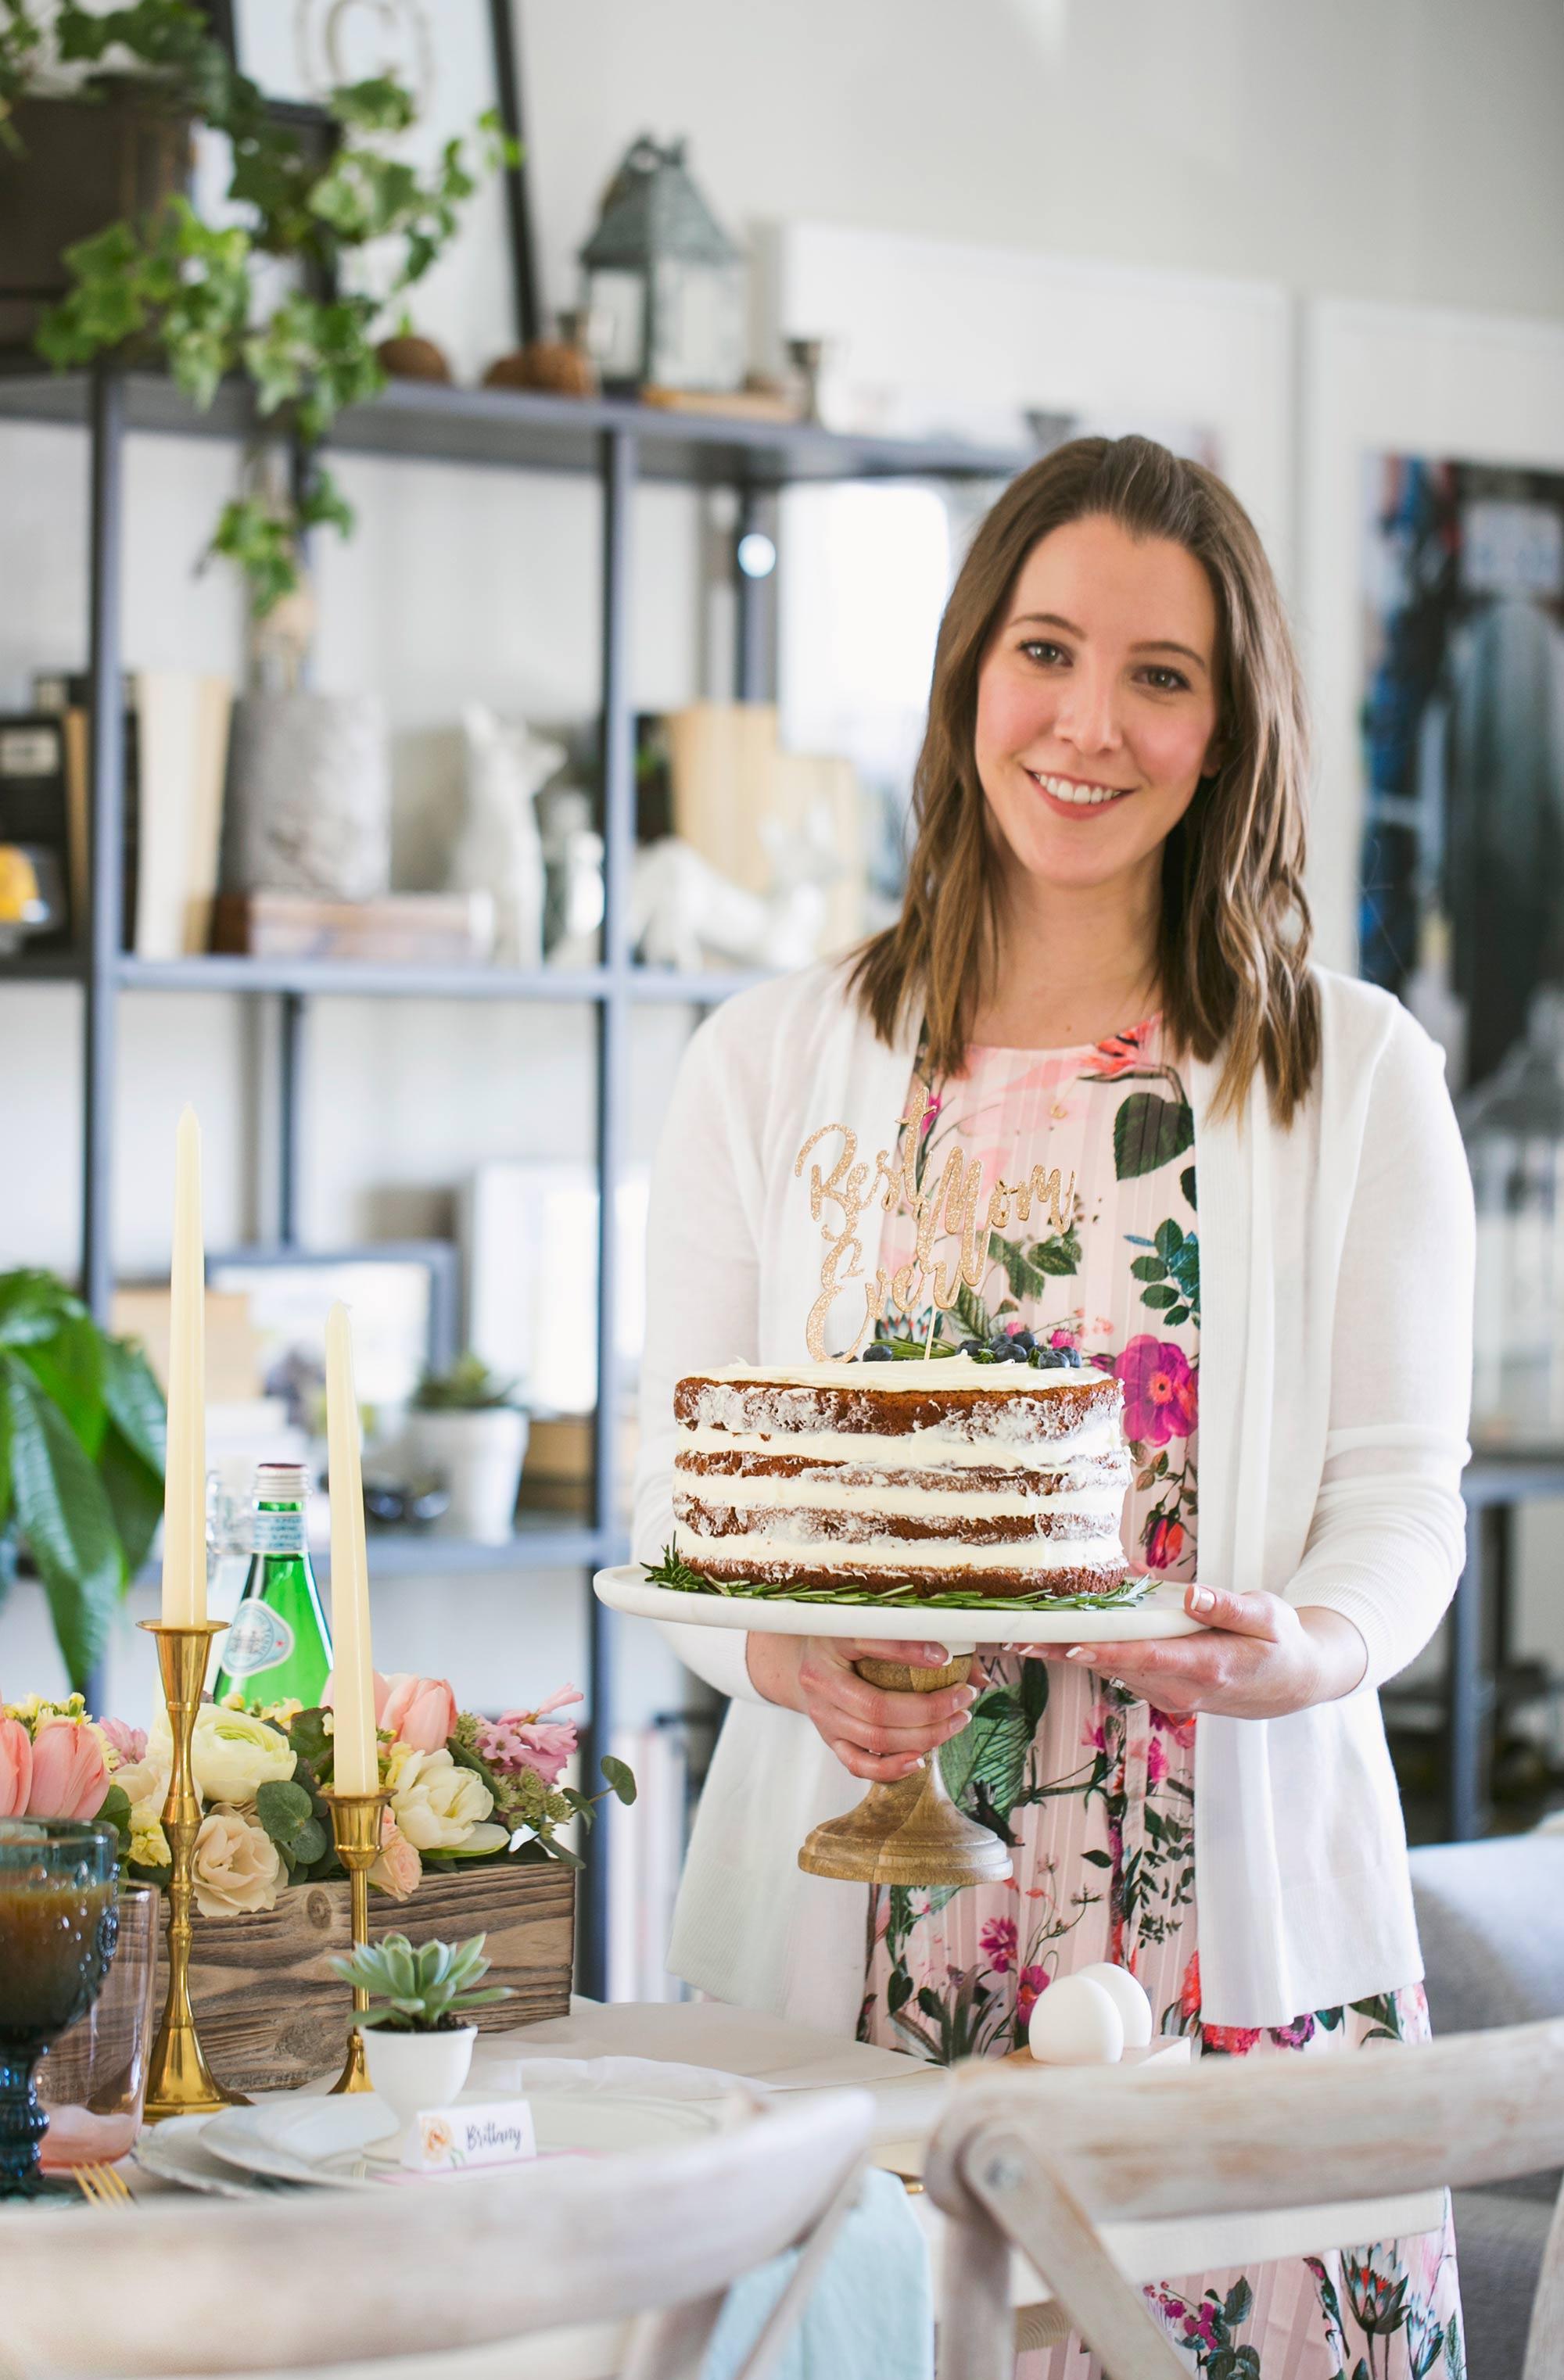 Mother's Day Brunch Dessert - Naked Carrot Cake